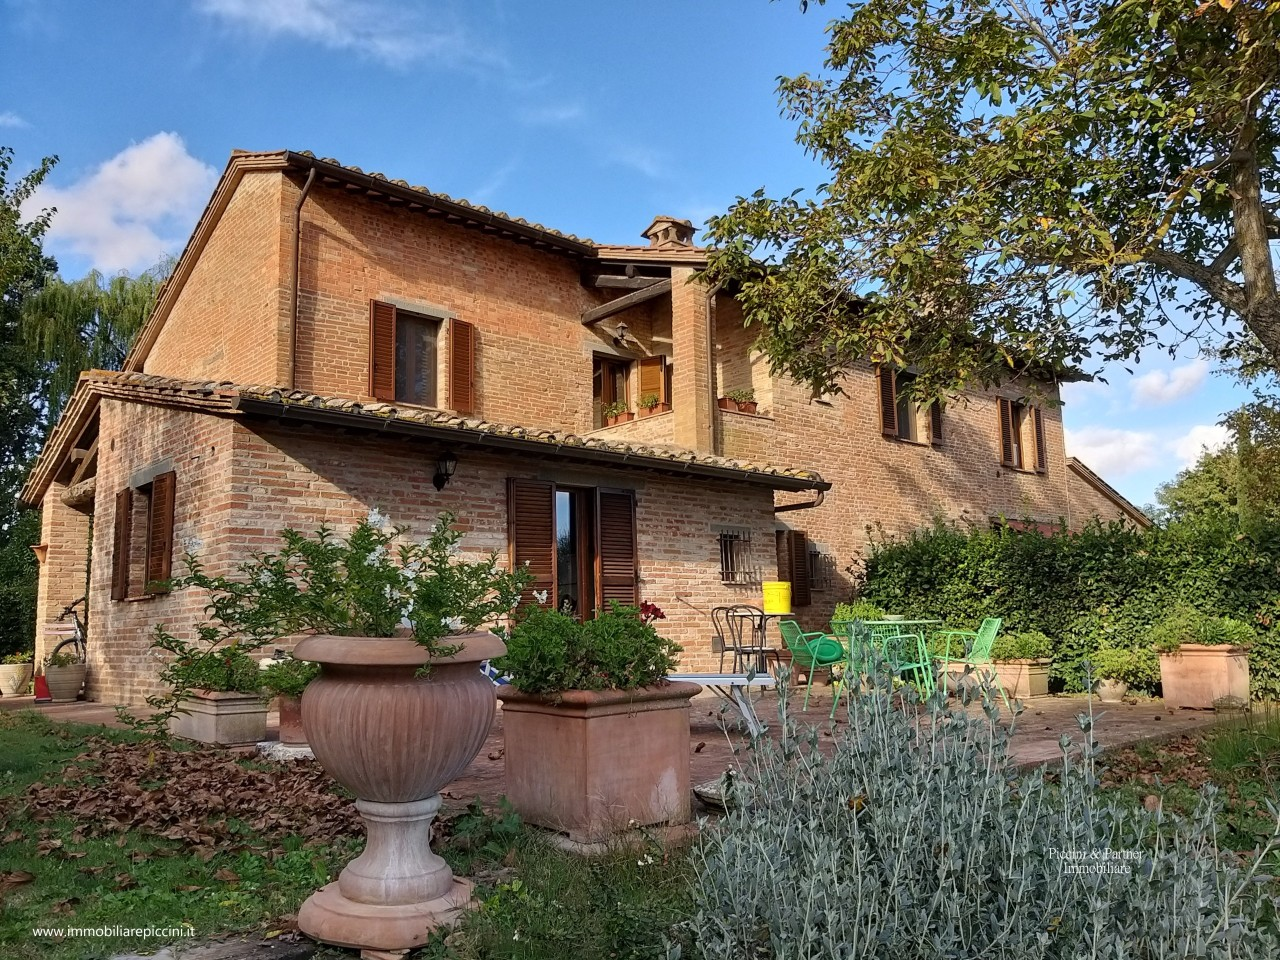 Semindipendente - Porzione di casa a Petrignano, Castiglione del Lago